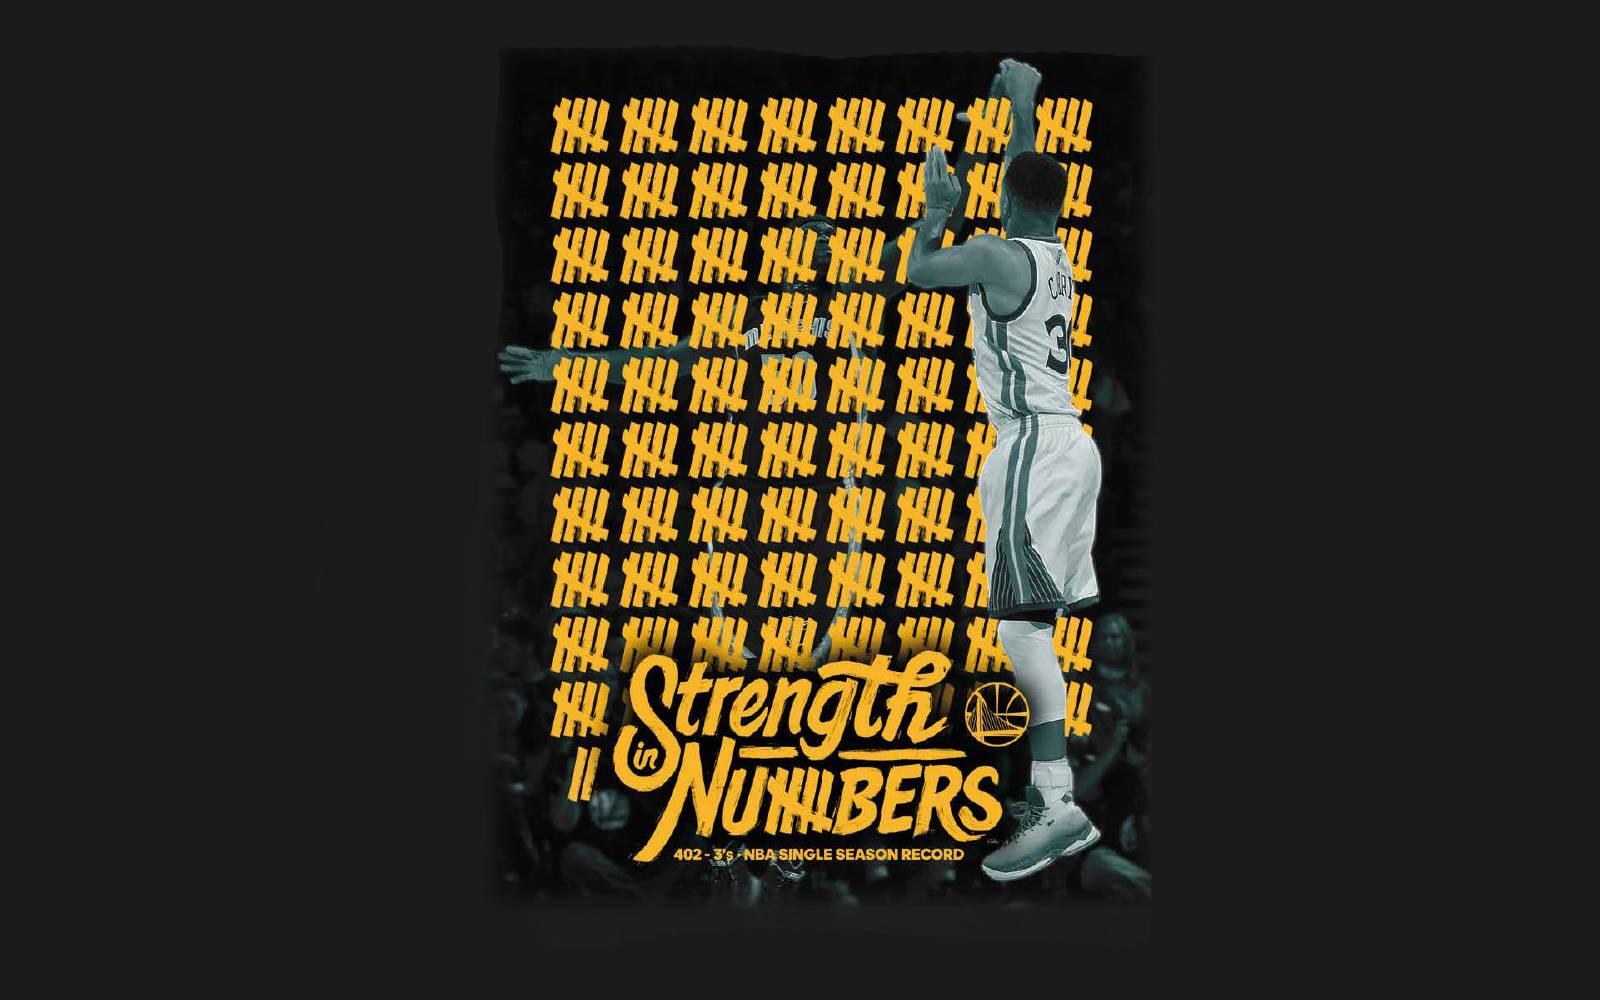 库里一个人本赛季就投进了402个三分球